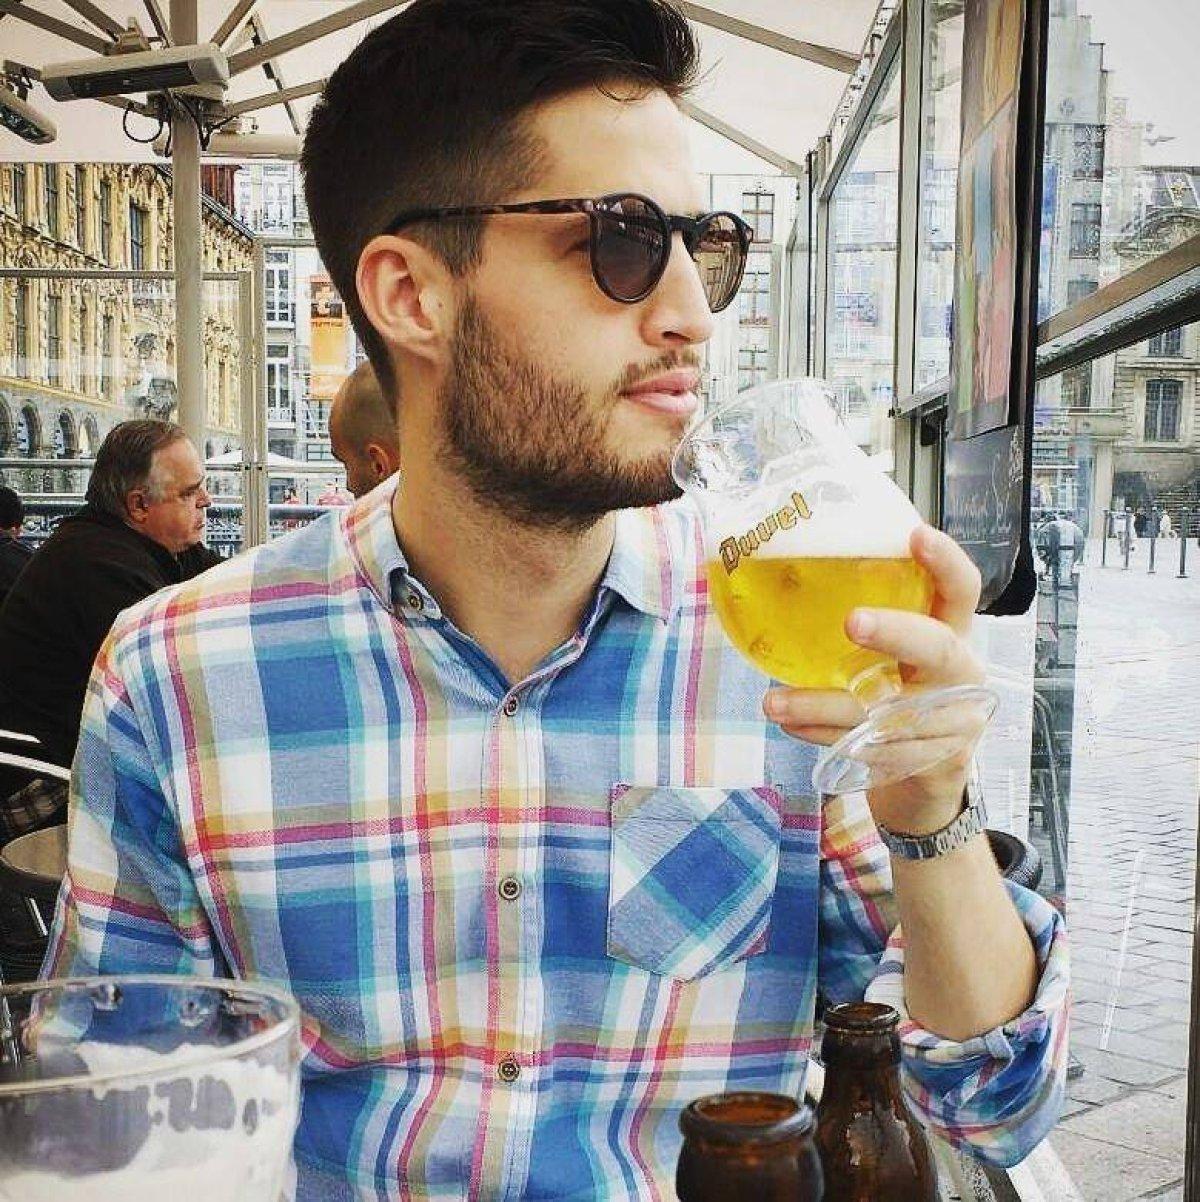 Conoce al joven Belga que usó tinder para viajar gratis por toda Europa